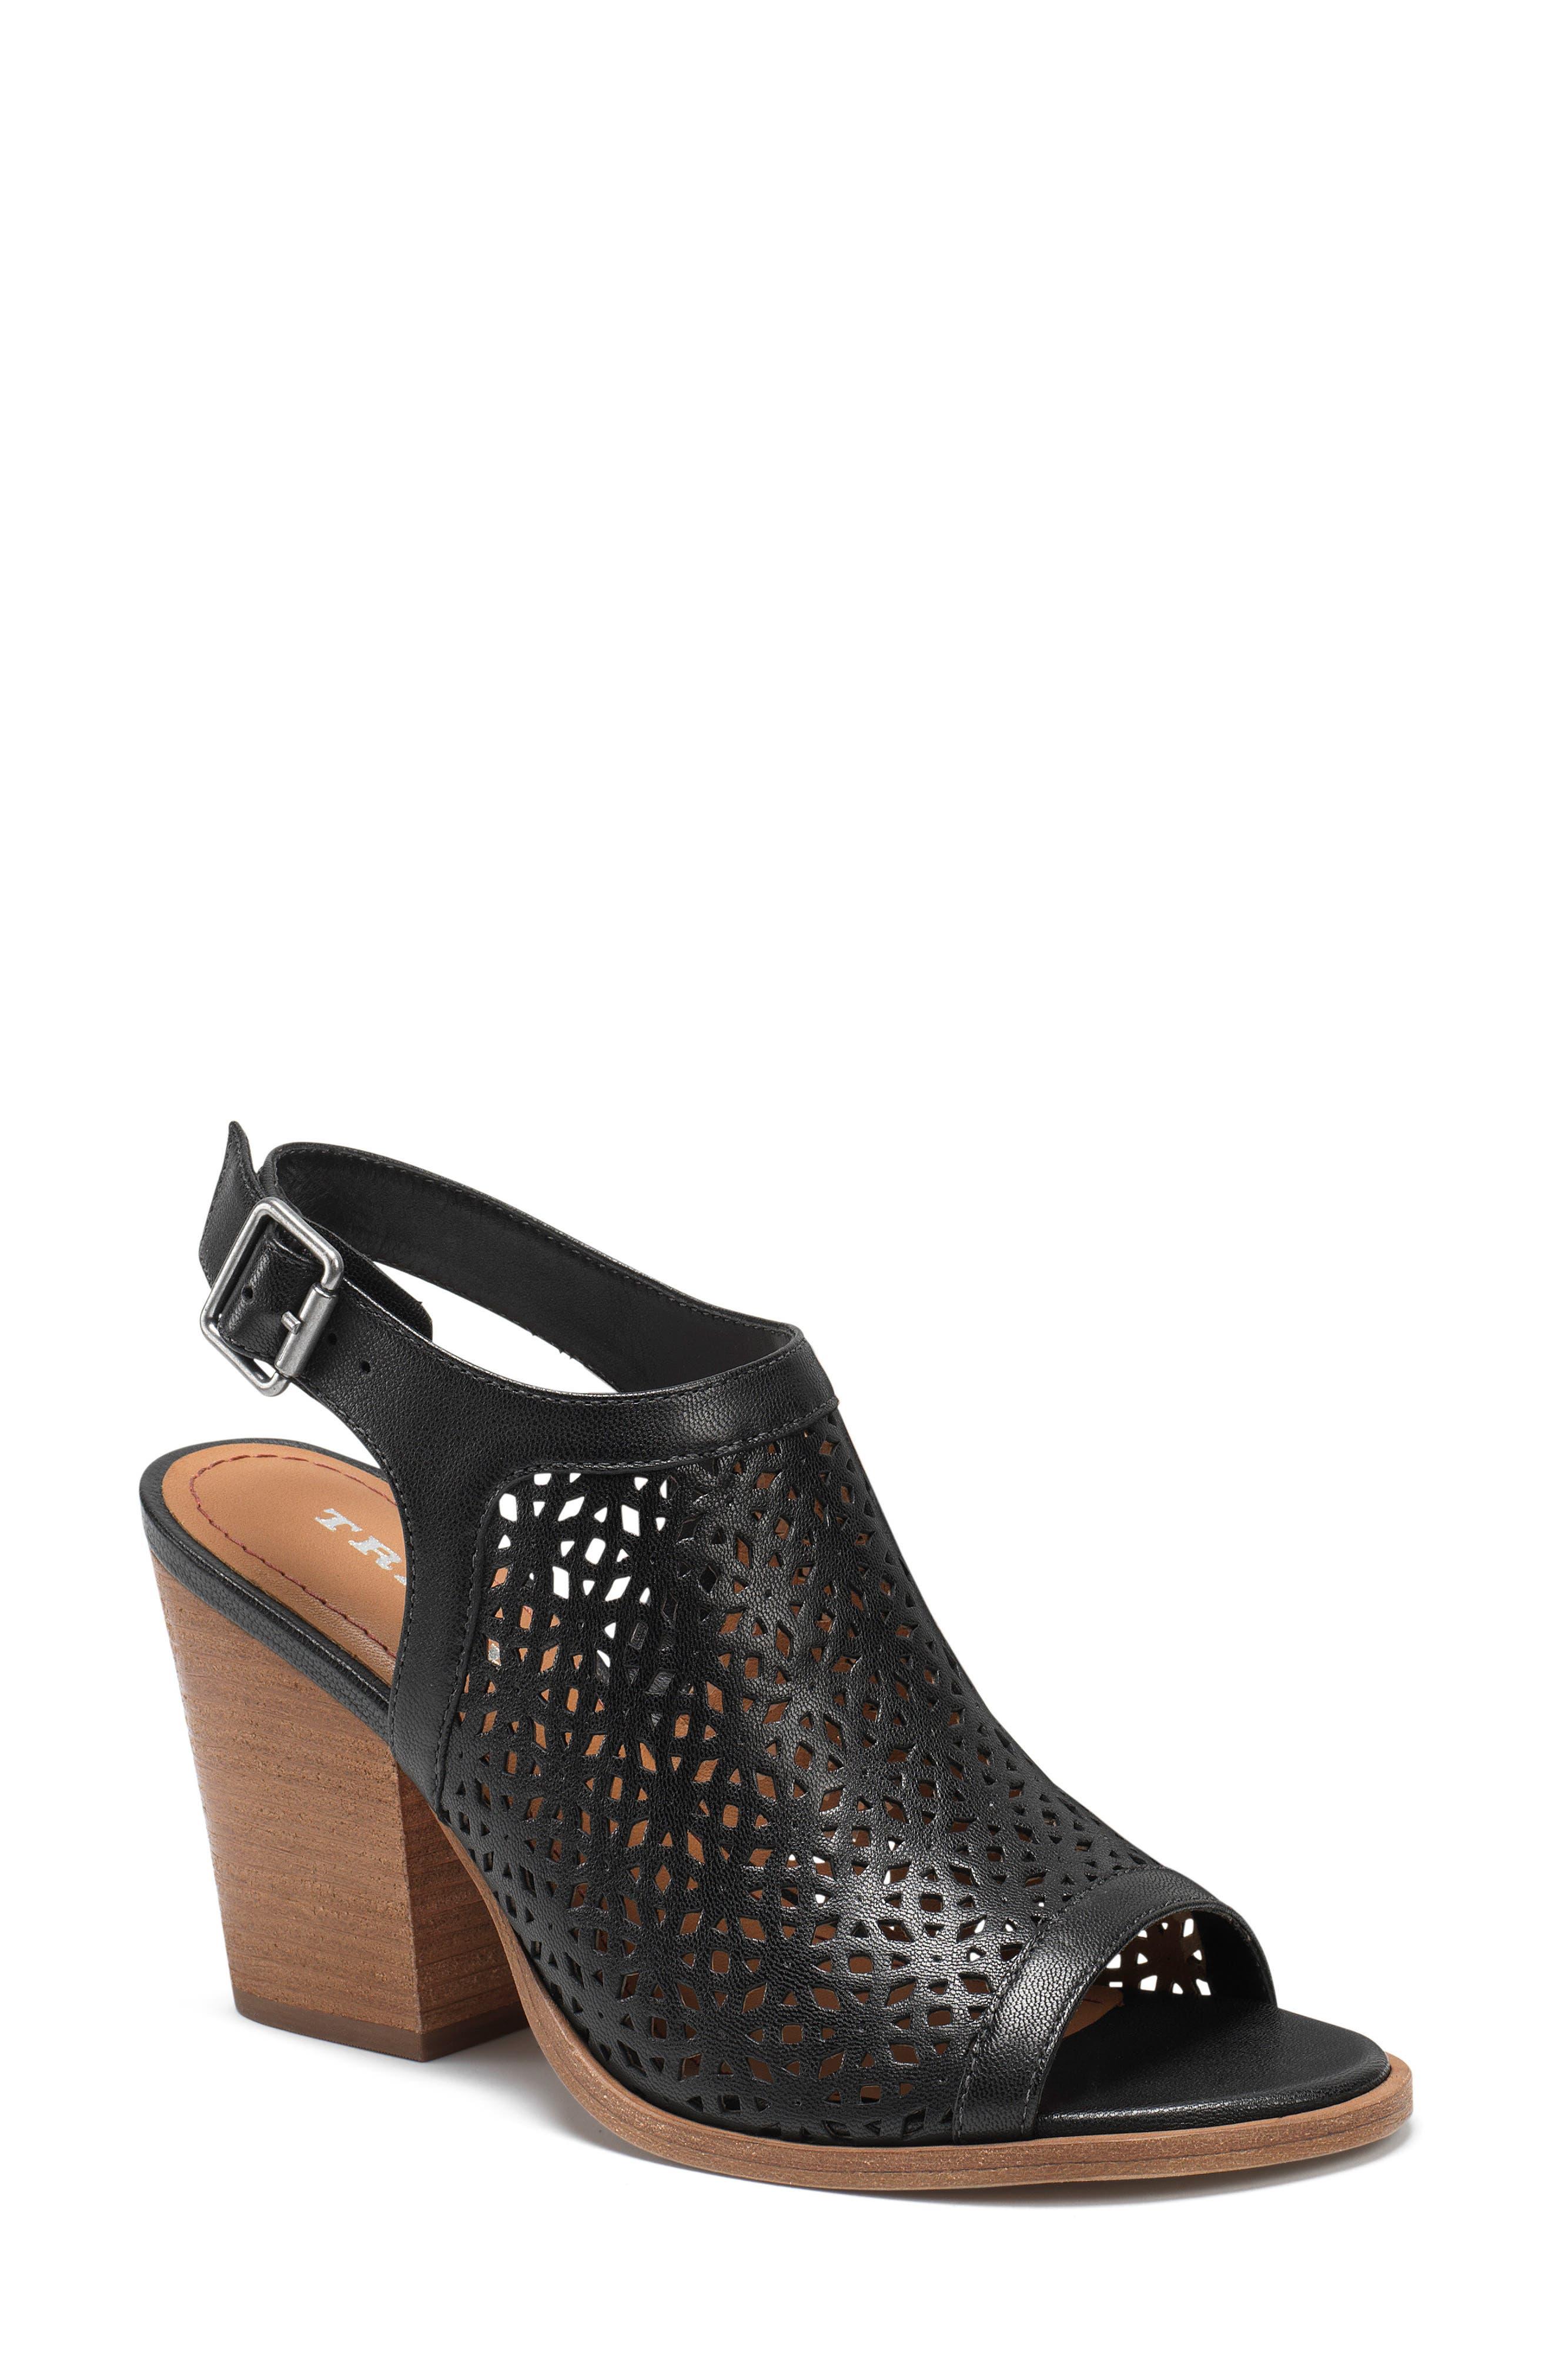 Parker Slingback Sandal,                         Main,                         color, Black Leather